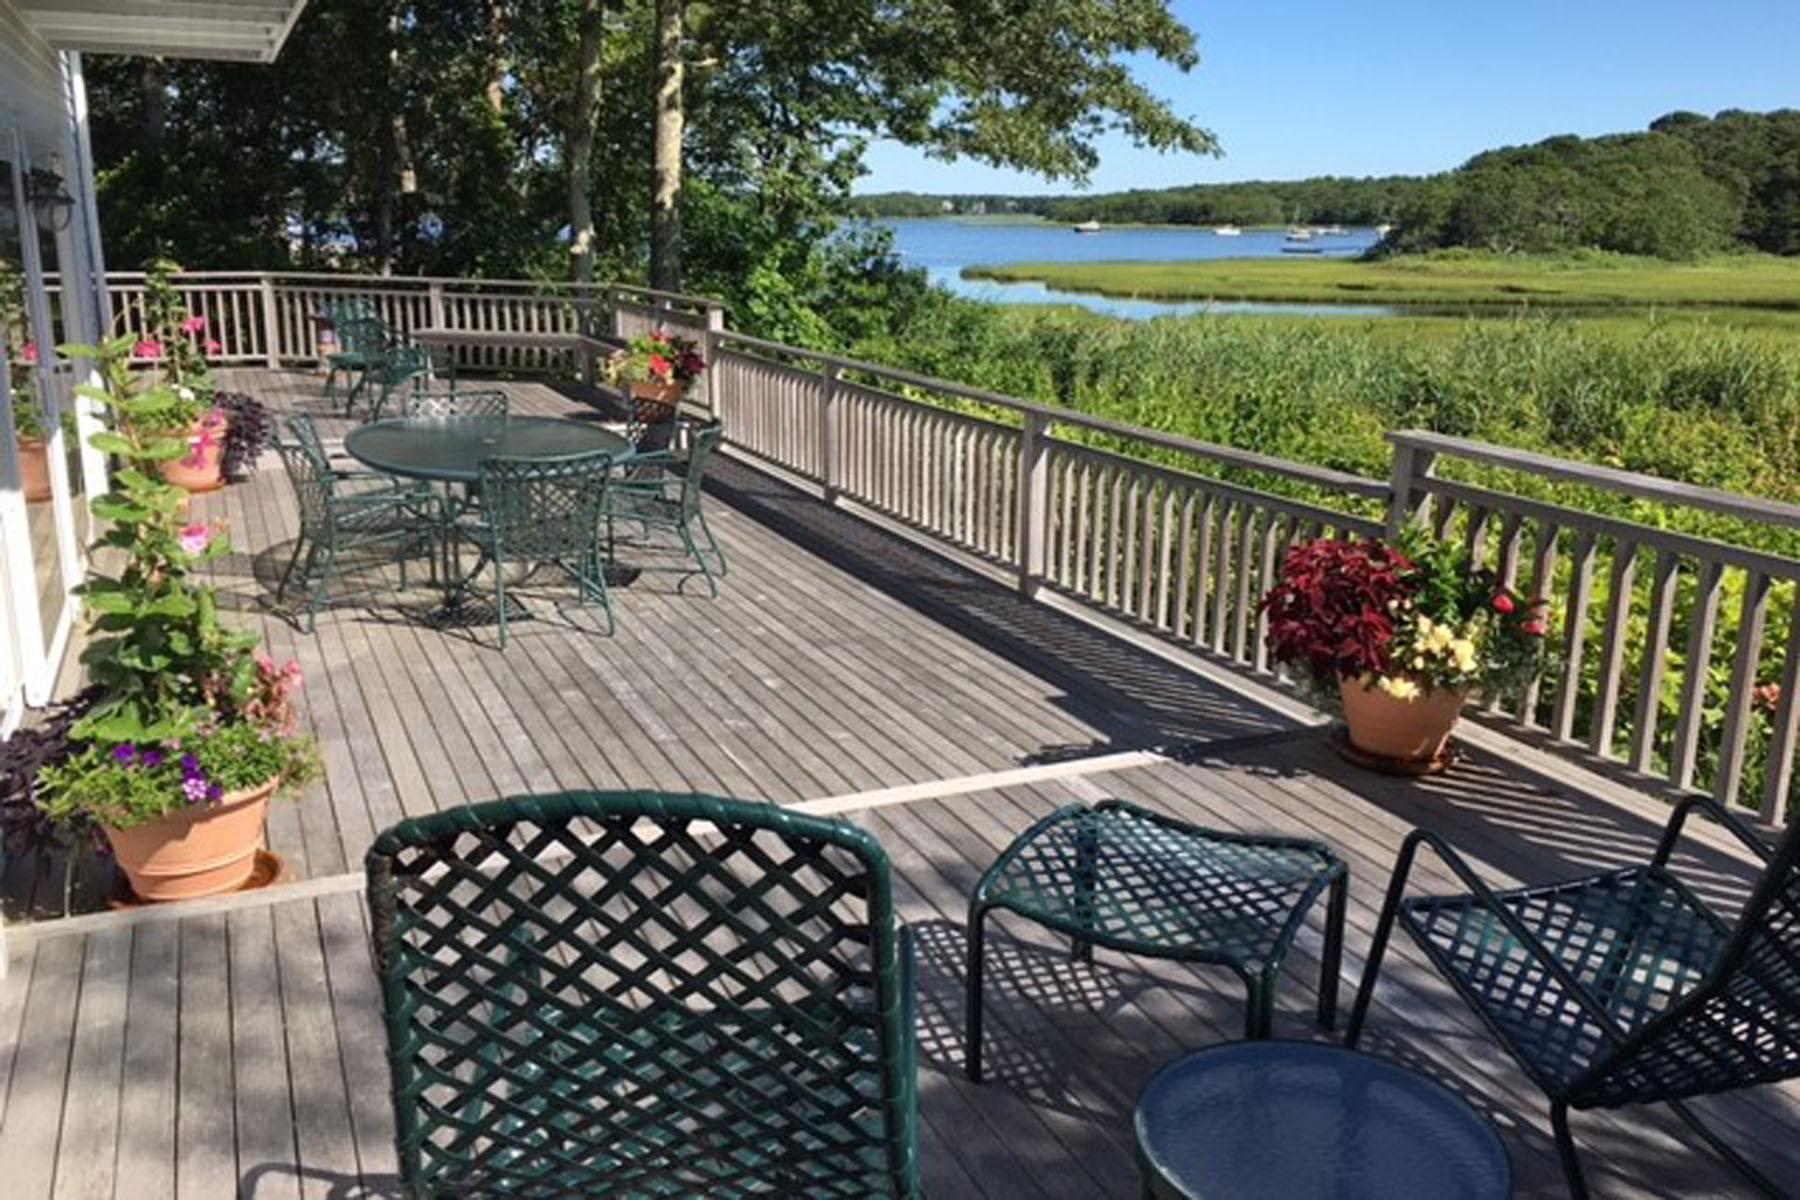 Частный односемейный дом для того Продажа на WATER VIEW CONTEMPORARY HOME 9 Tide Run New Seabury, Массачусетс, 02649 Соединенные Штаты